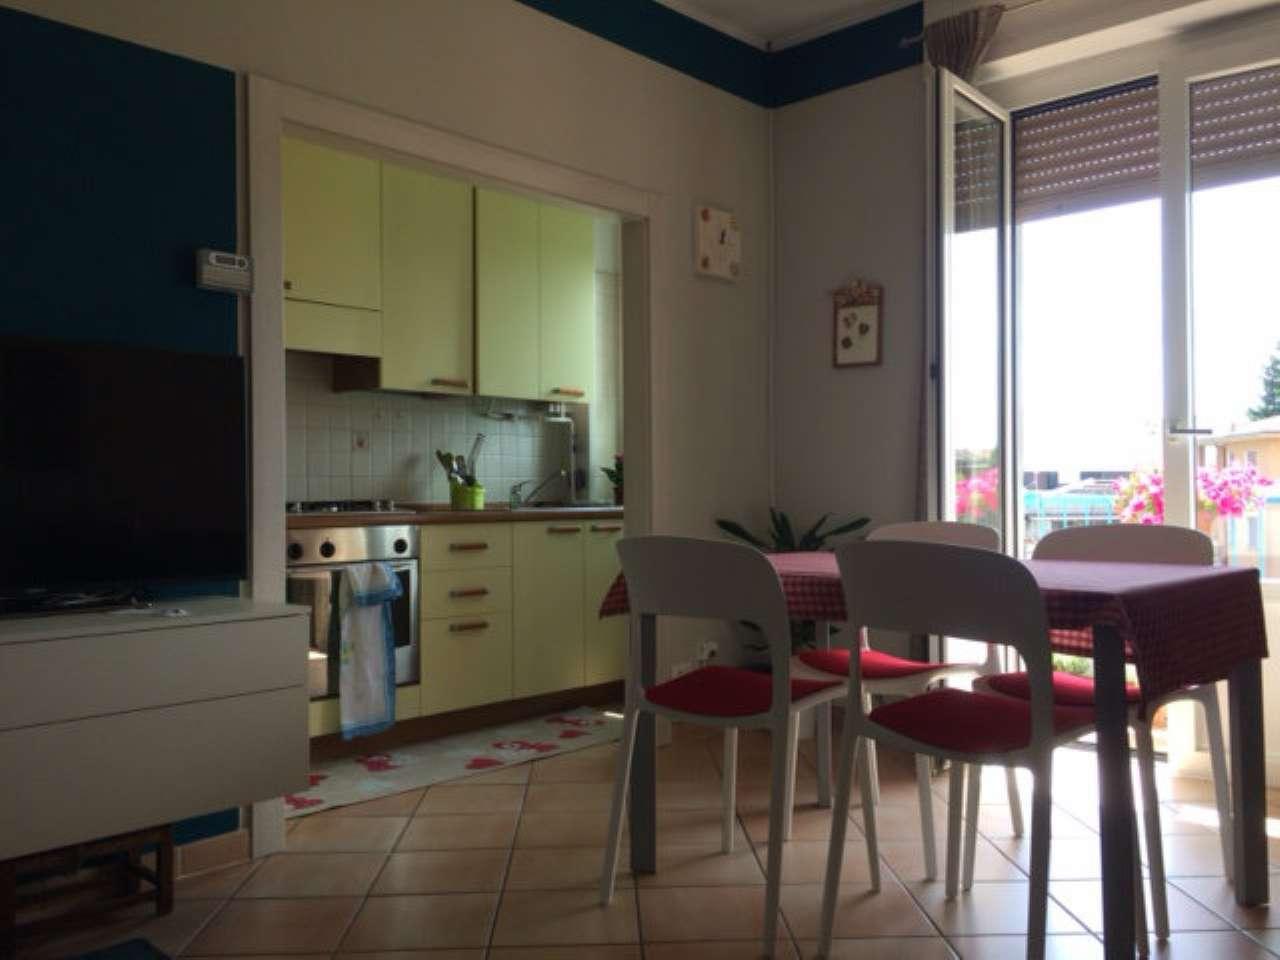 Appartamento in vendita a Morazzone, 3 locali, prezzo € 85.000 | Cambio Casa.it